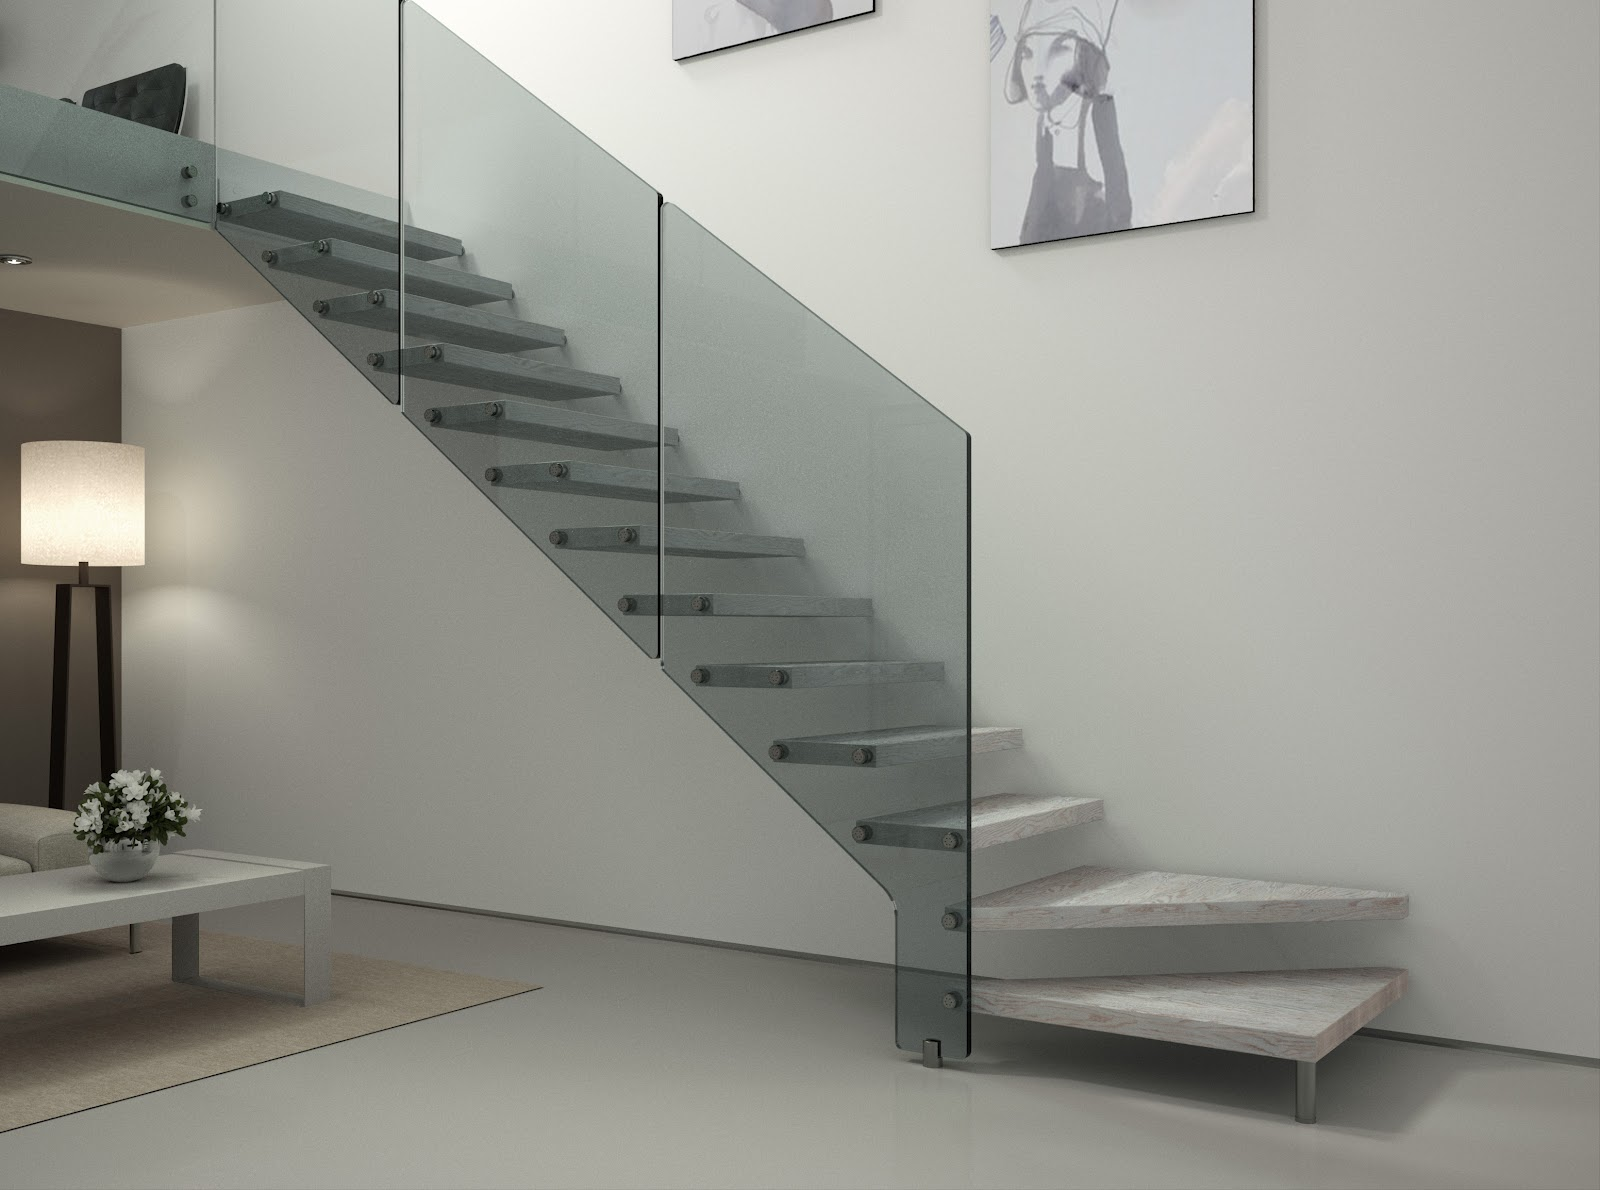 Barandillas y escaleras vidrosvazquez for Barandillas escaleras interiores precios